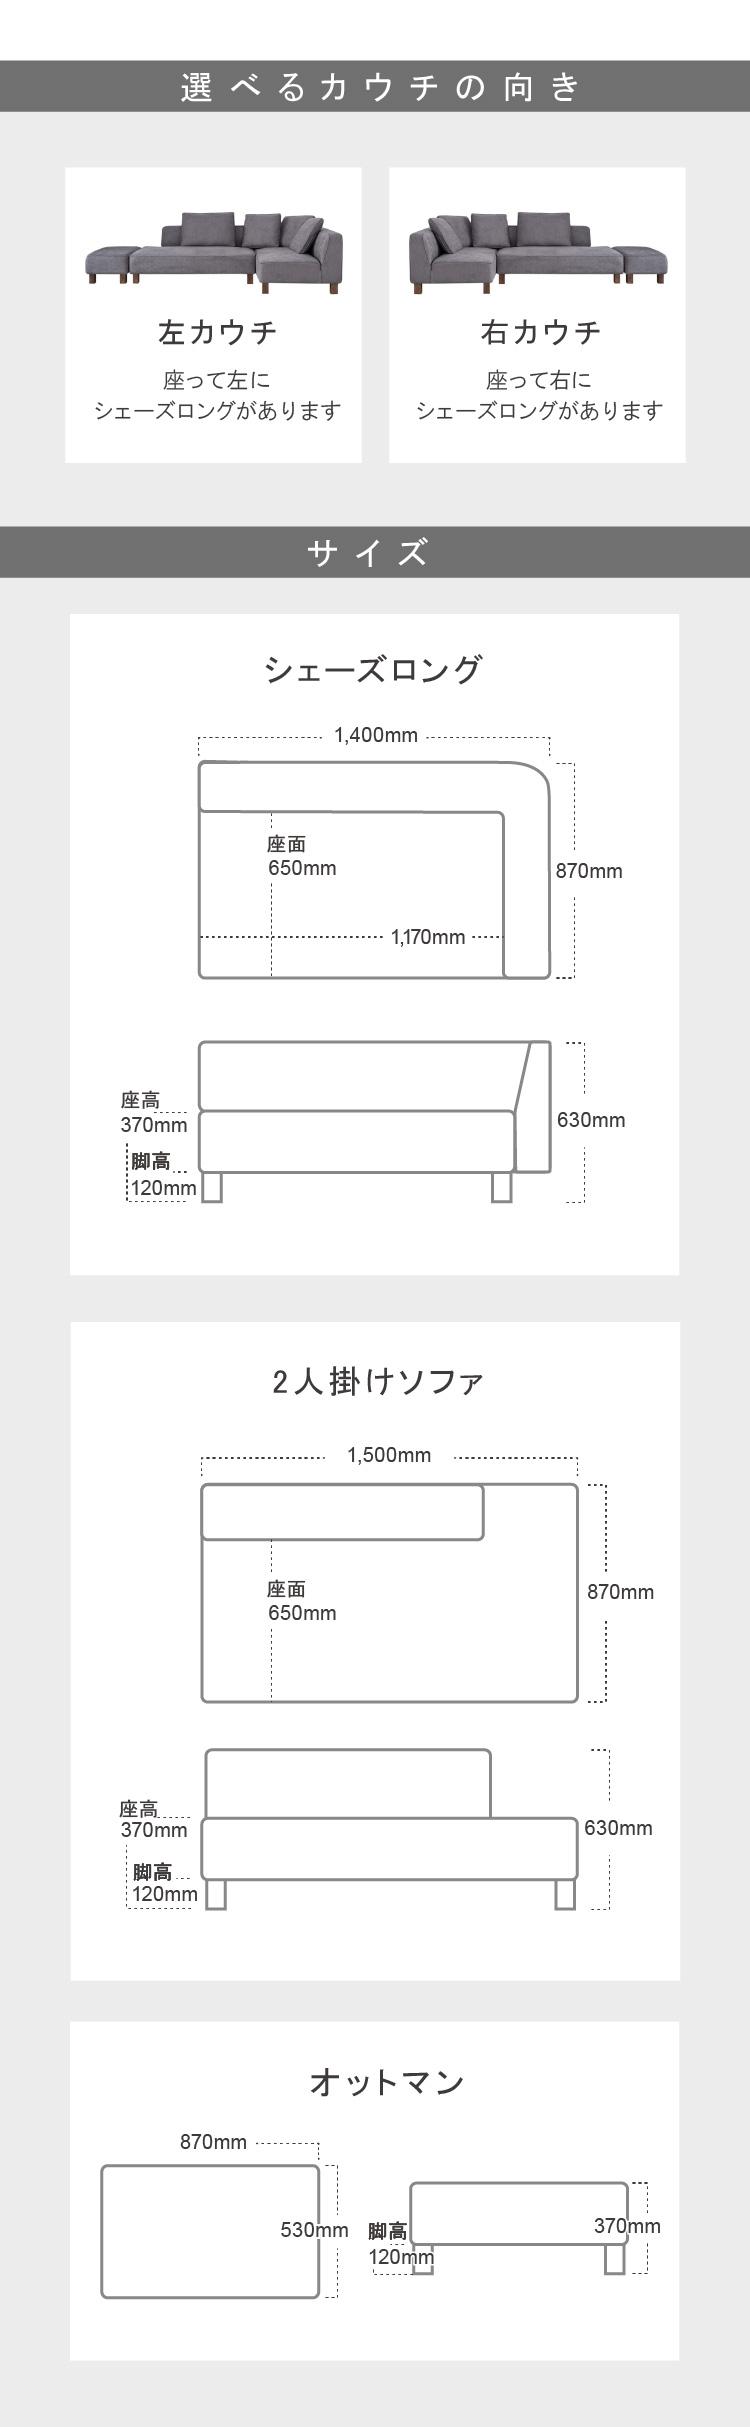 バニラのサイズ表